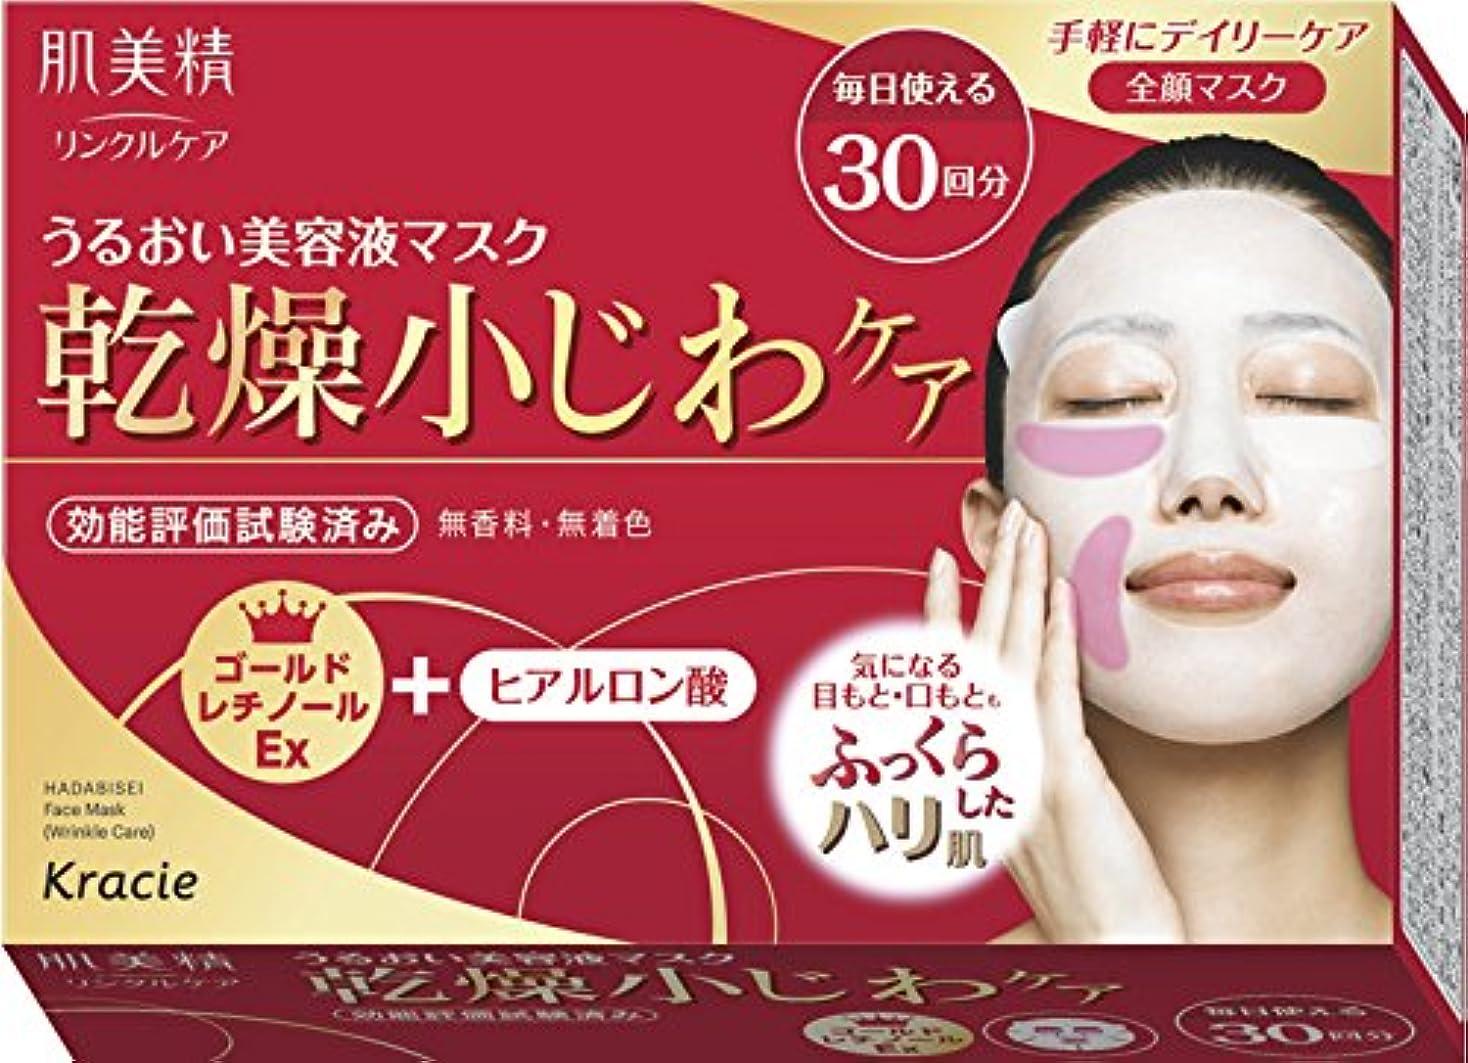 ピンポイント精通したばかげた肌美精 デイリーリンクルケア美容液マスク 30枚